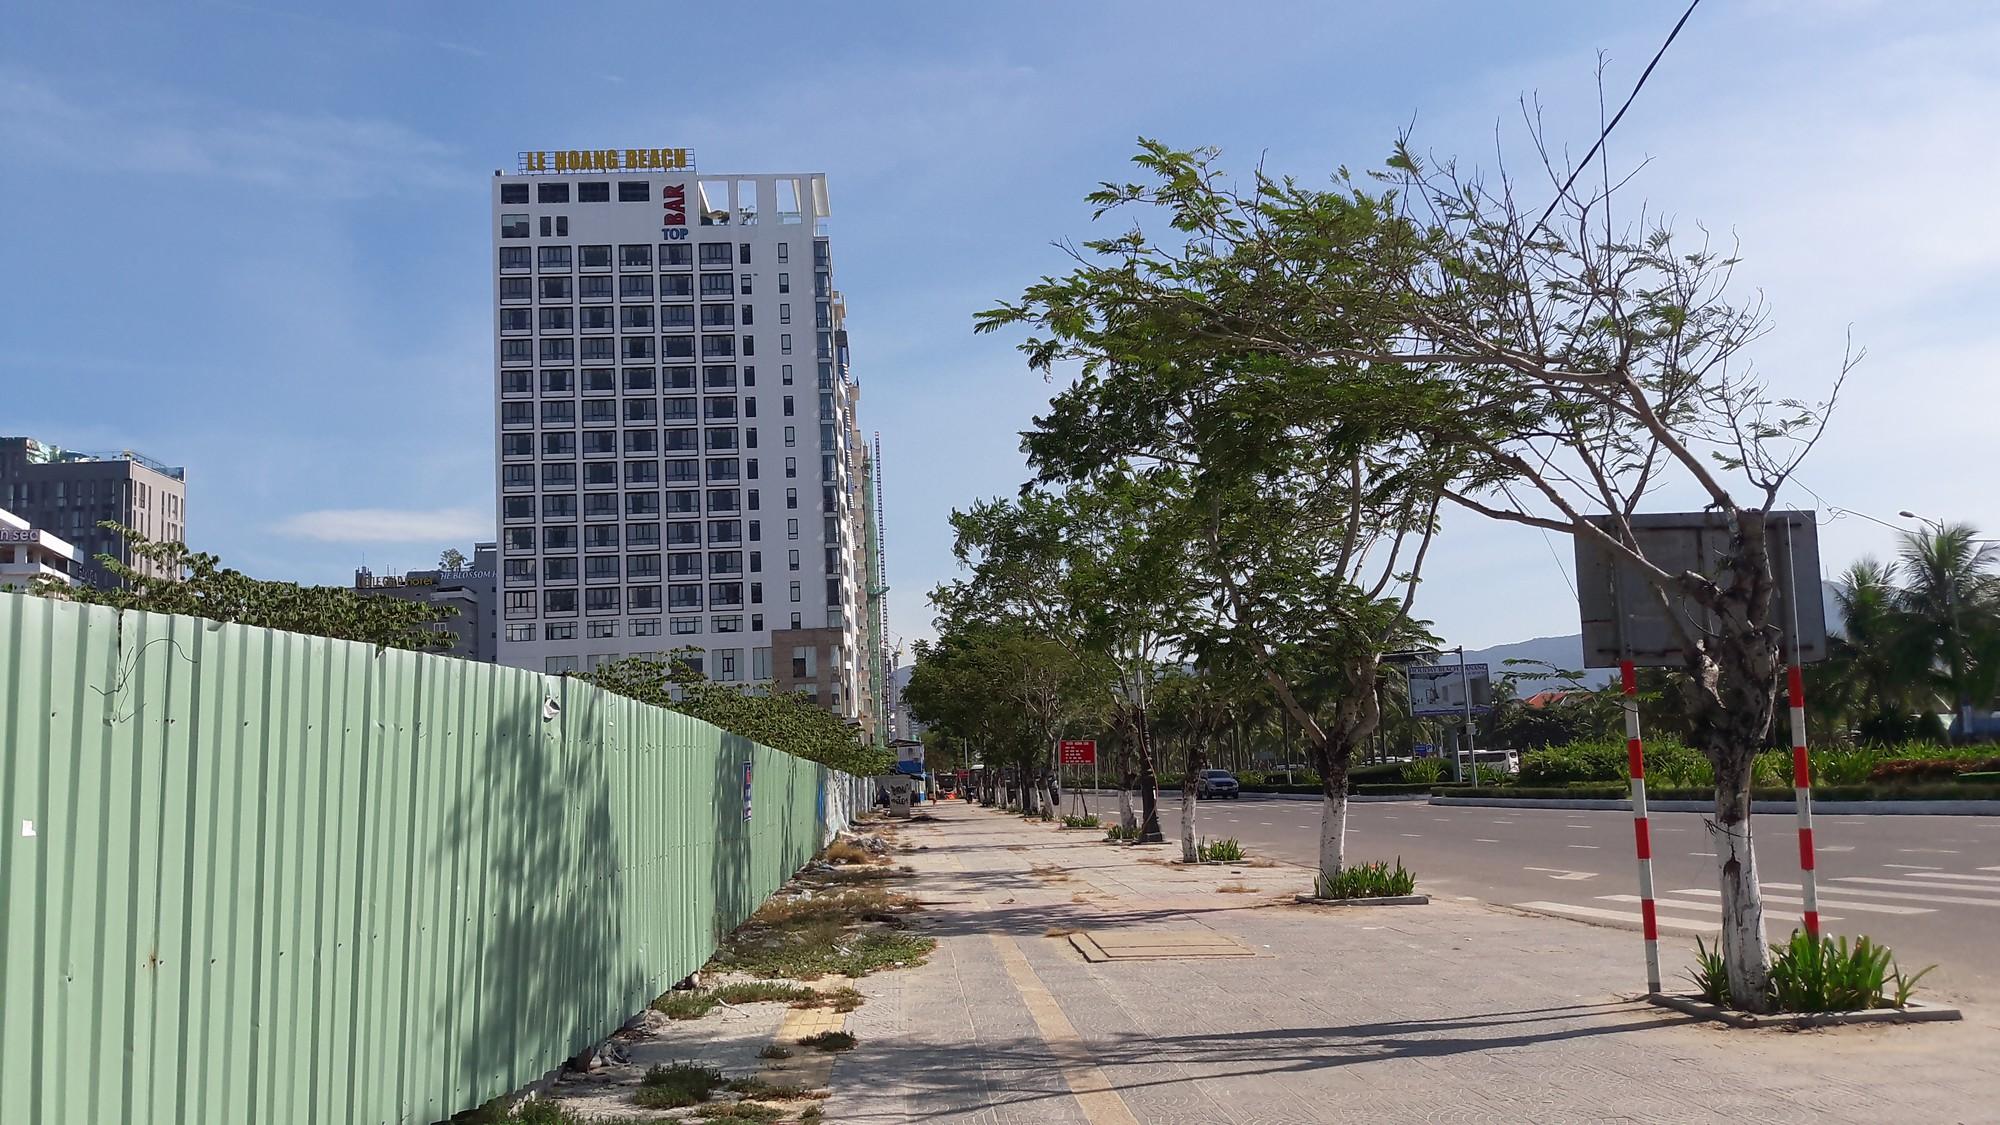 Đà Nẵng có gần 200 ha đất để kêu gọi đầu tư dự án, chống thất thu ngân sách do dịch COVID-19 - Ảnh 1.